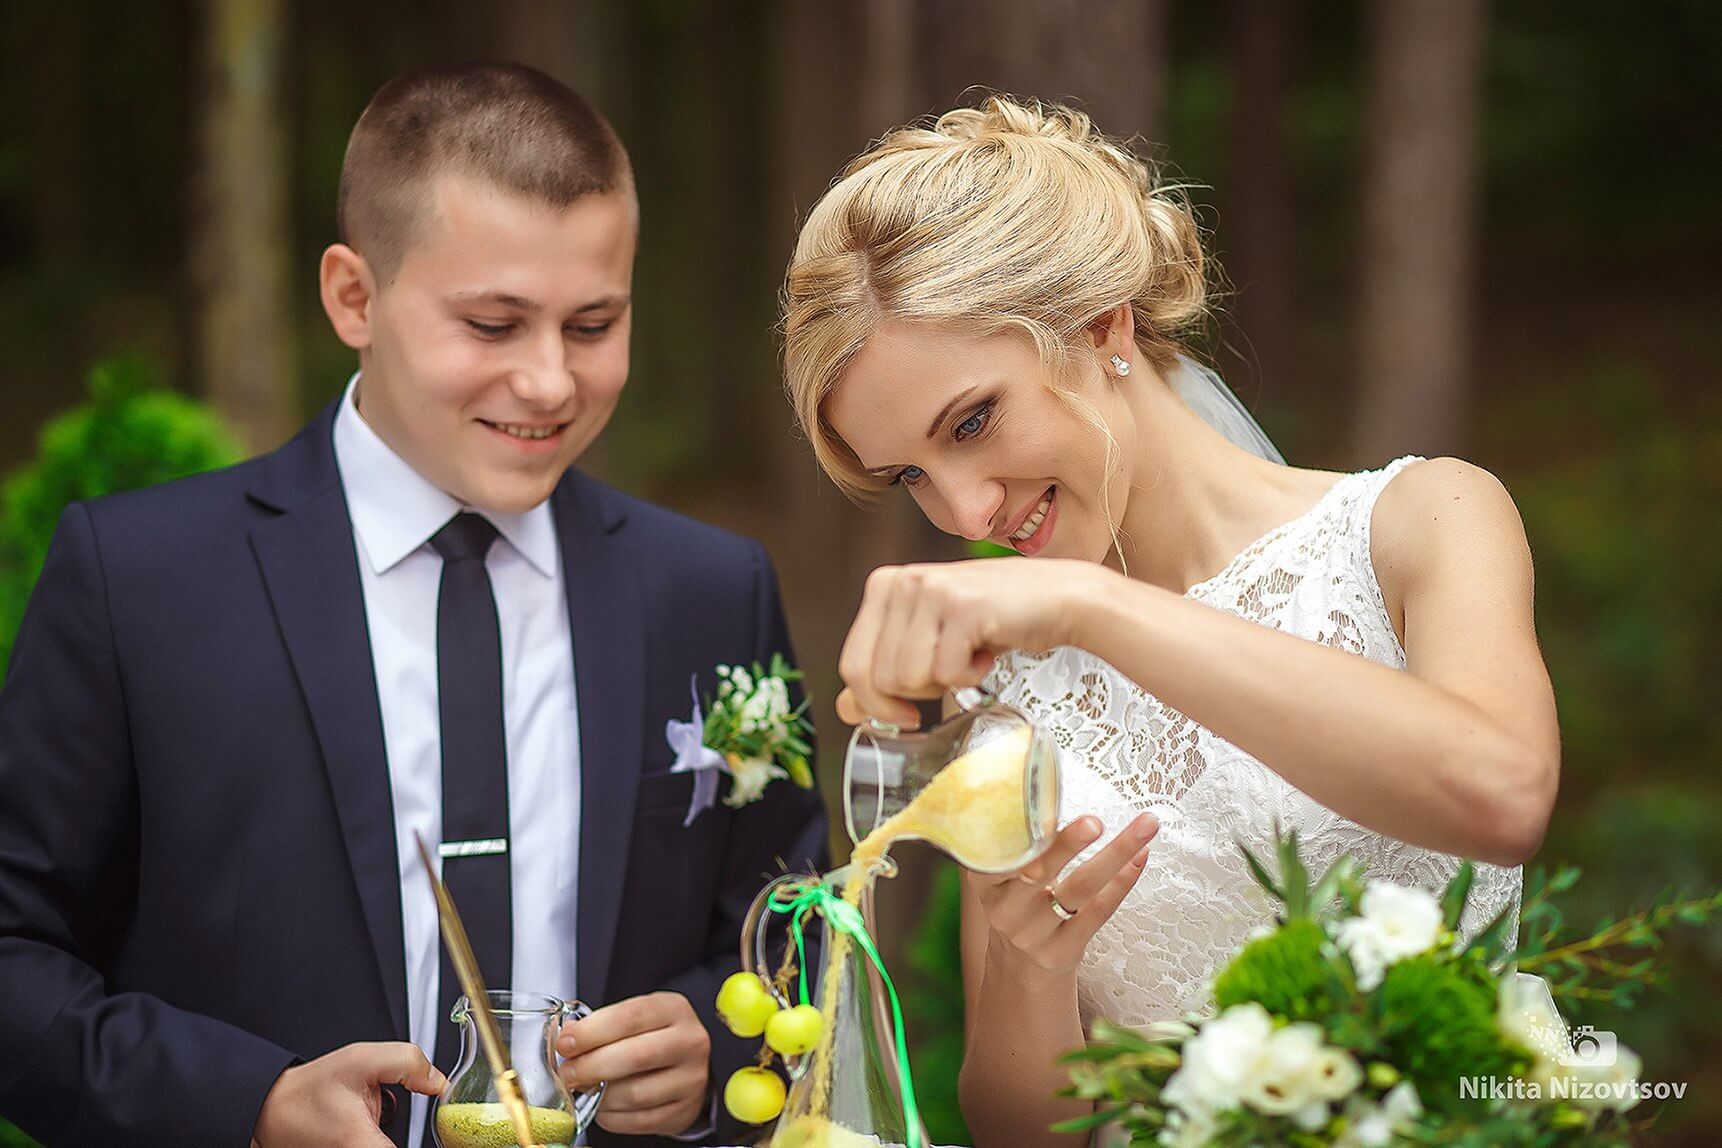 песочная церемония яблочная зеленая салатовая свадьба Могилев выездная регистрация роспись церемония в шатре у куркуля могилев свадебное агентство ЛавМи организация свадьбы декор банкета ресторана шатра